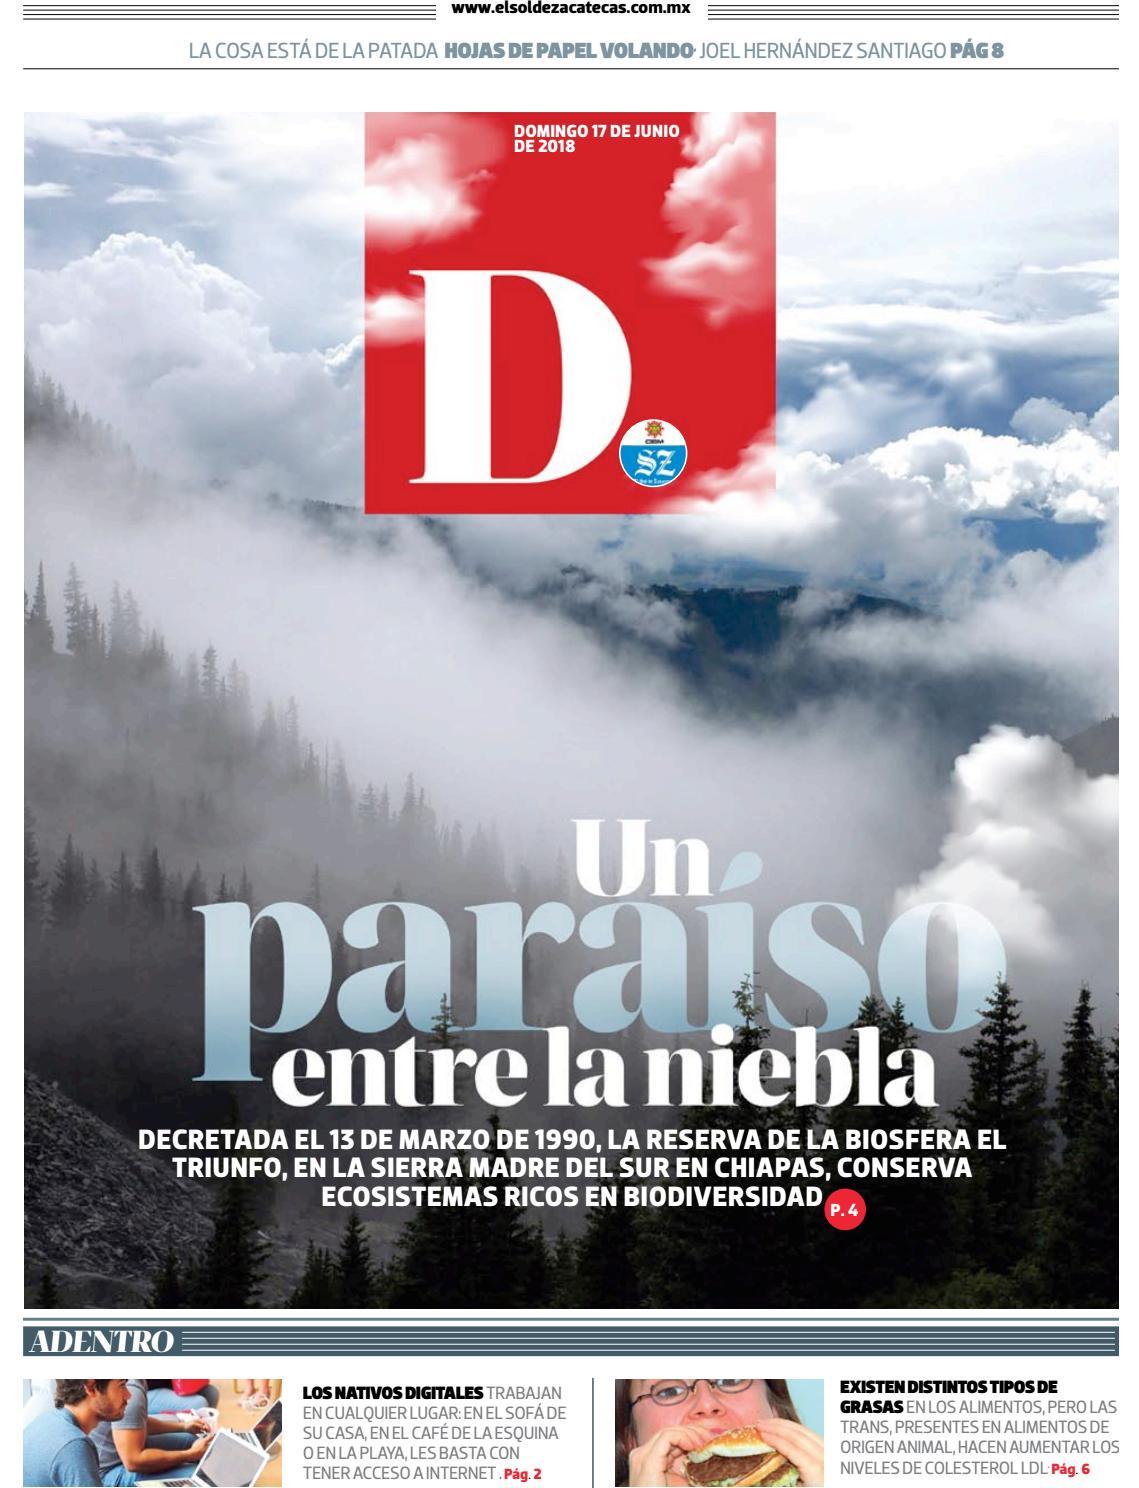 Dominical 17 de junio 2018 by El Sol de Zacatecas - issuu